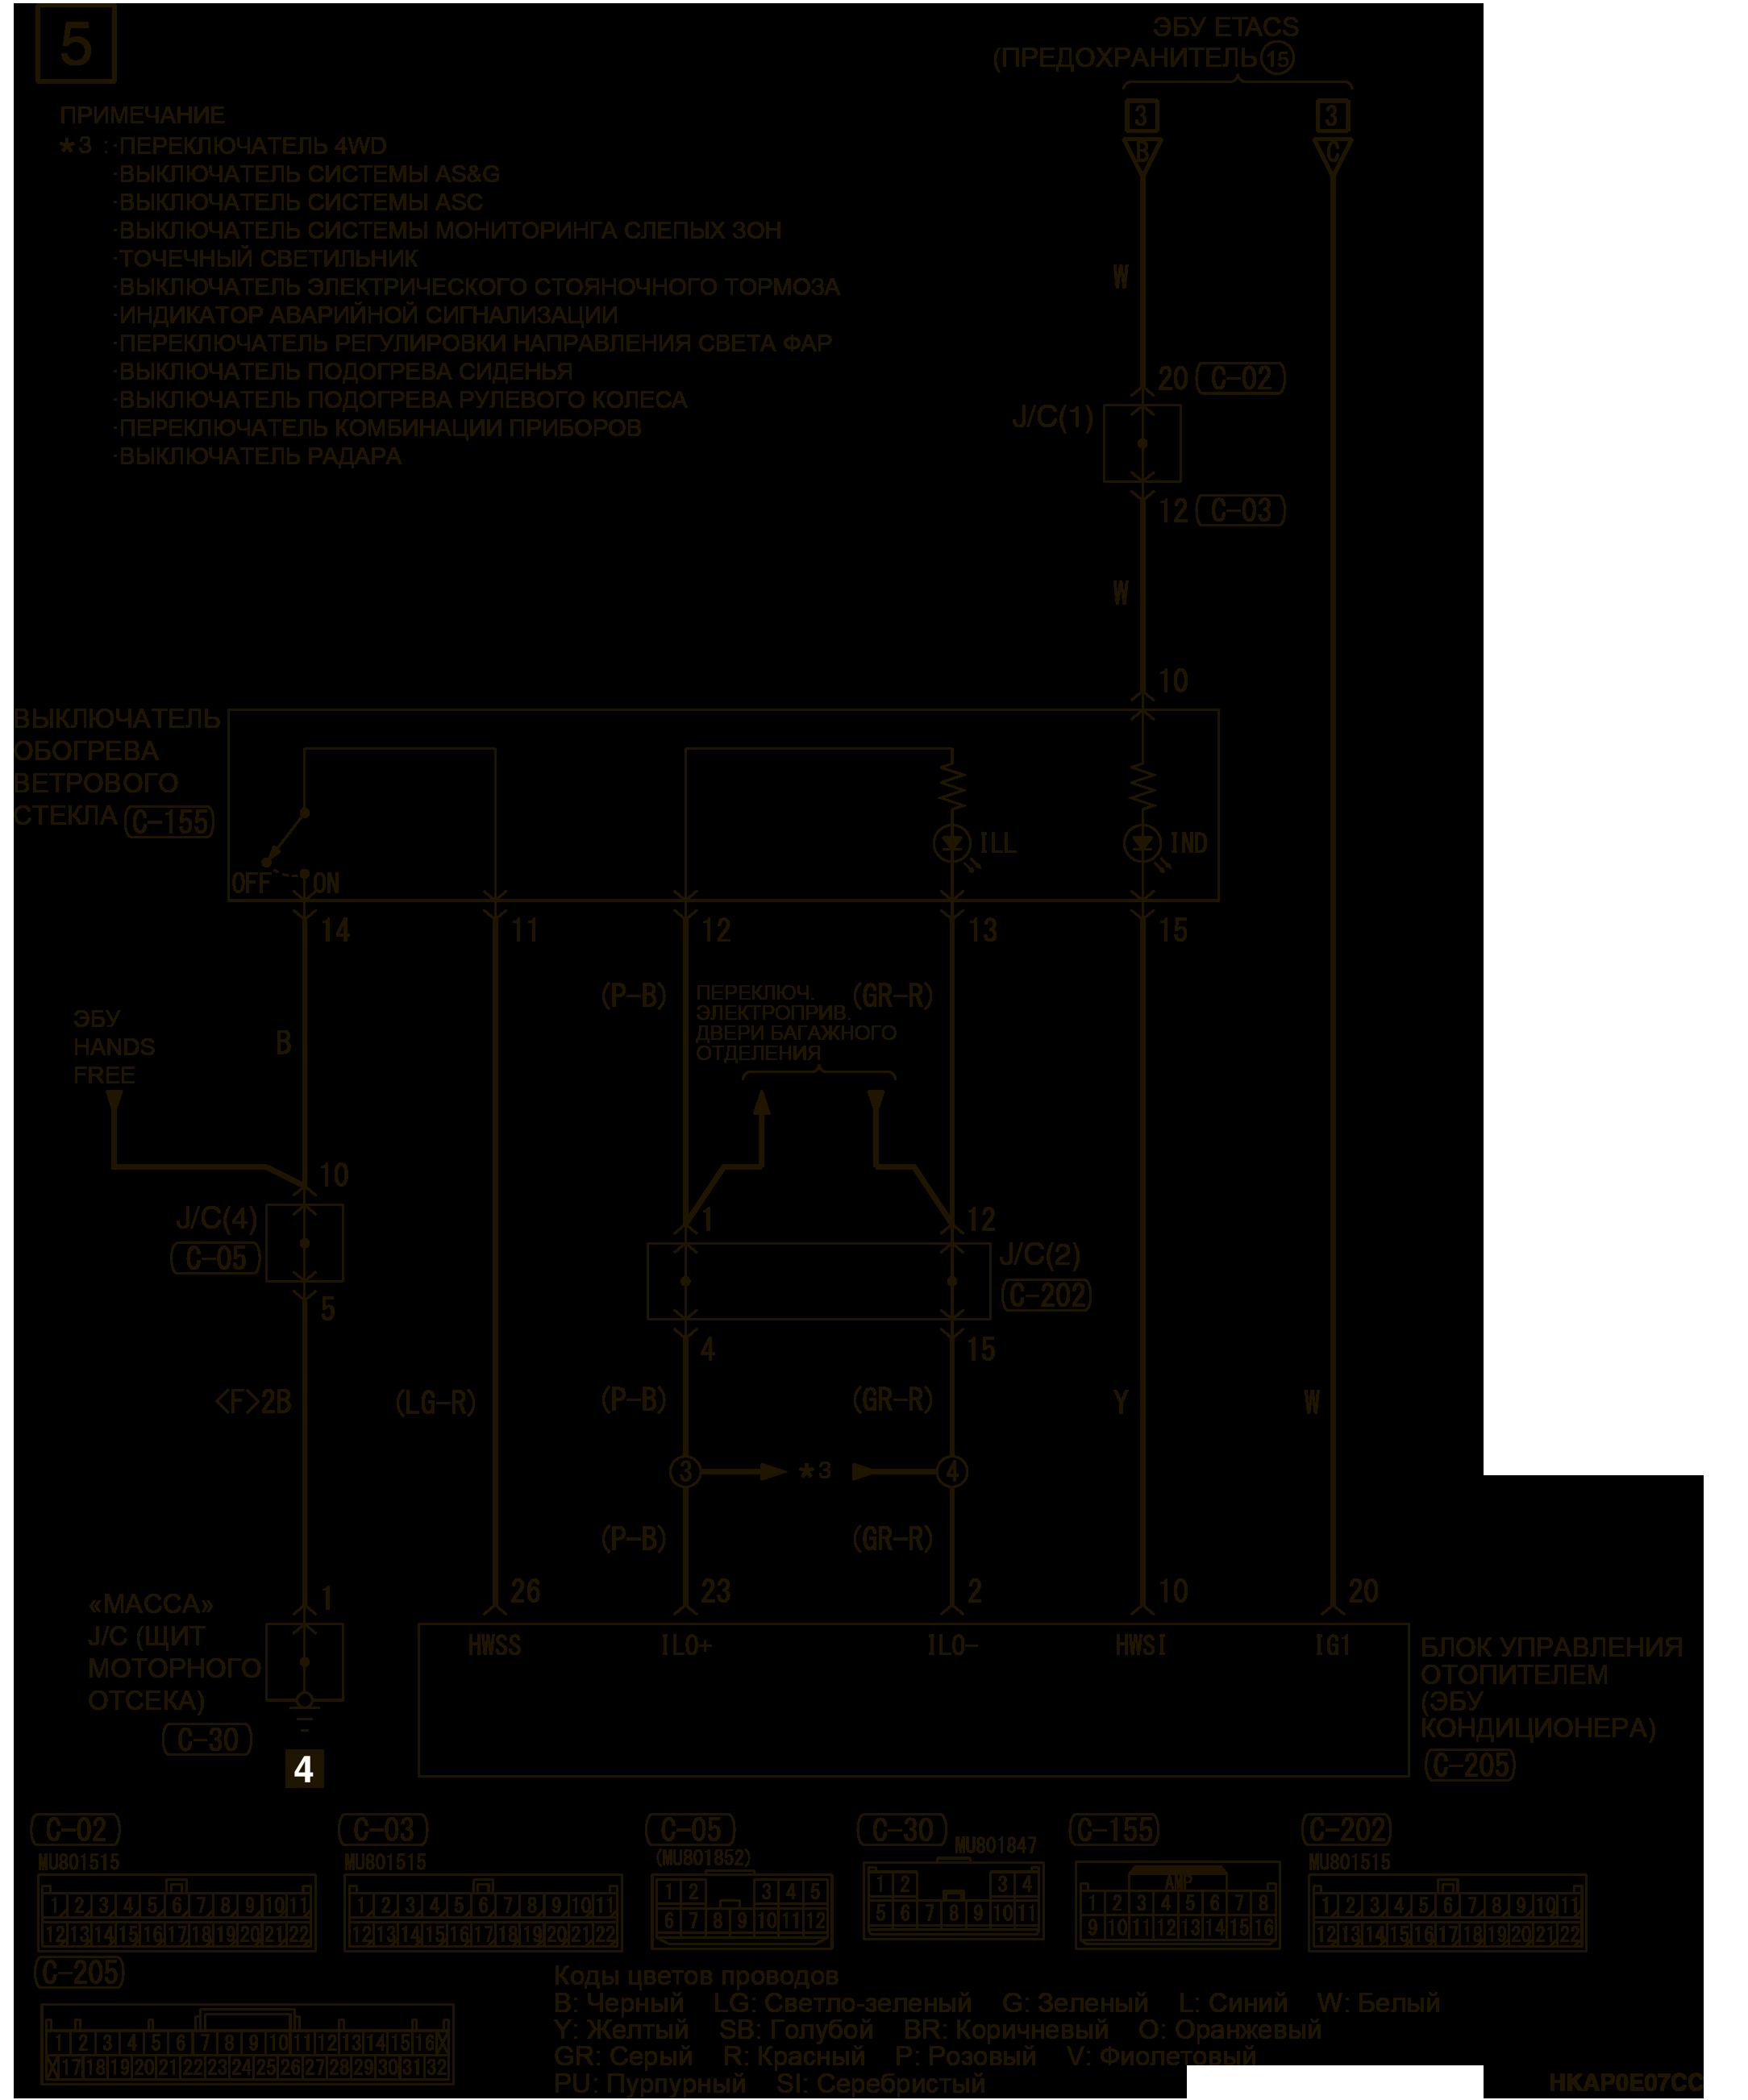 mmc аутлендер 3 2019 электросхемаОБОГРЕВ ВЕТРОВОГО СТЕКЛА ПРАВОСТОРОННЕЕ УПРАВЛЕНИЕ